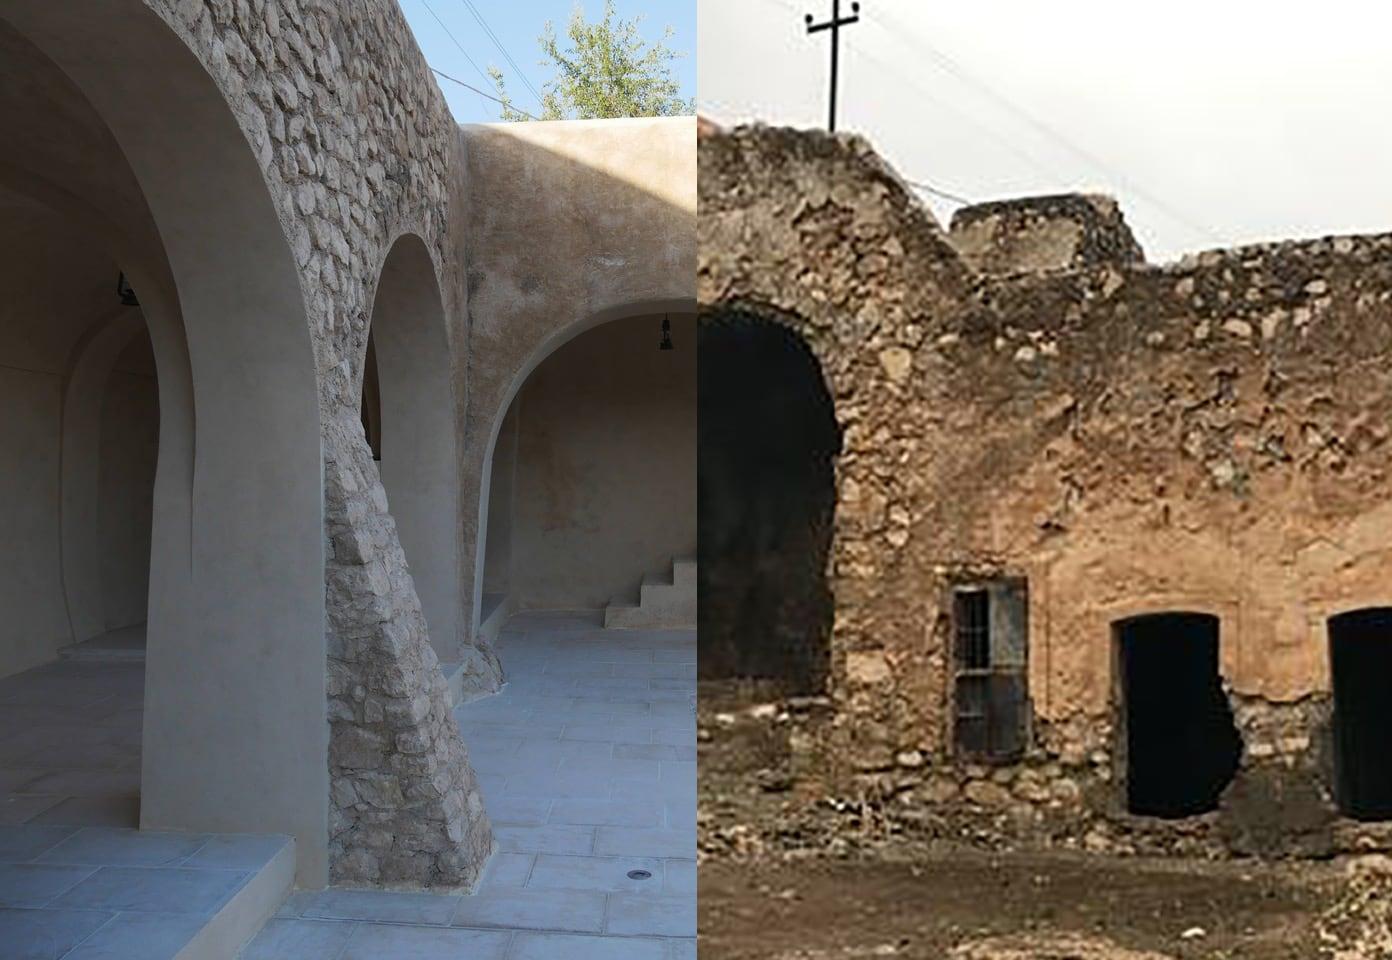 החצר הפנימית במתחם קבר נחום באלקוש – לפני ואחרי השחזור (צילום: אדם טיפן, מונטז')